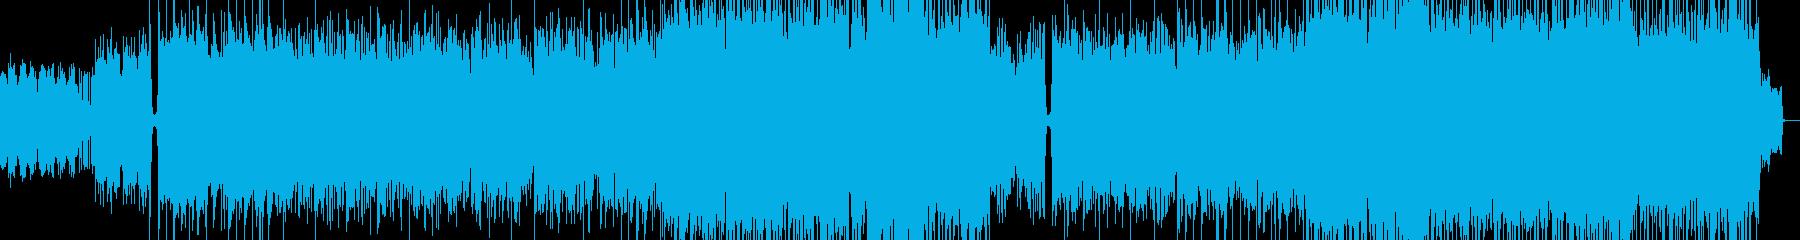 未来の青空のイメージの再生済みの波形